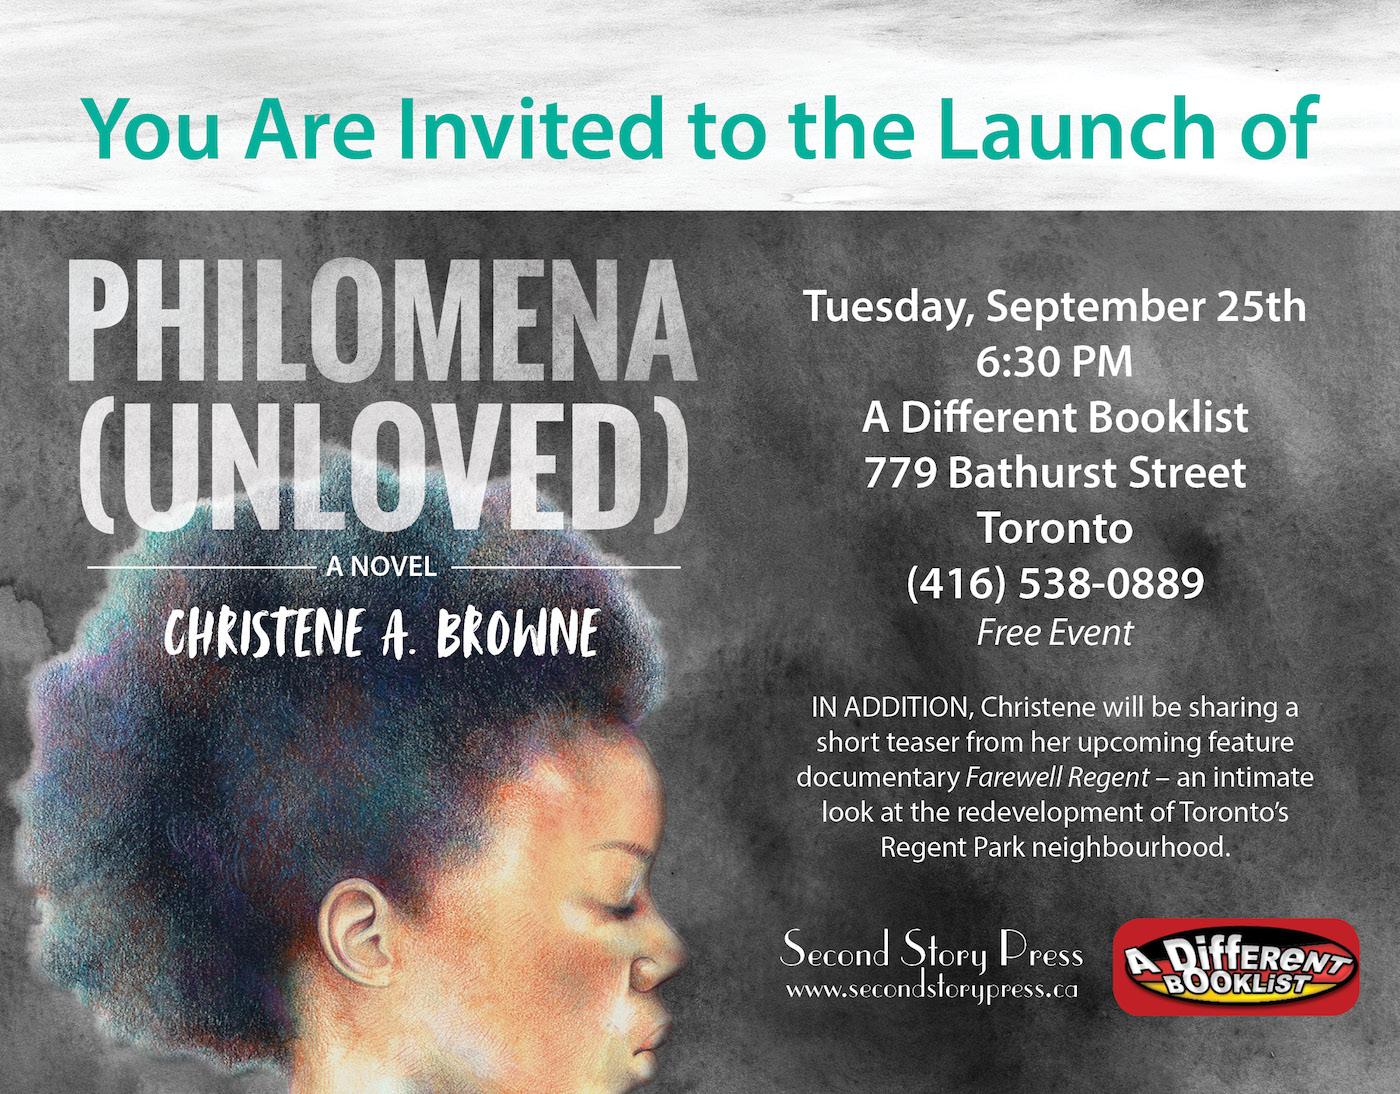 Philomena Unloved_Launch Invite_Sept.25.2018.jpg